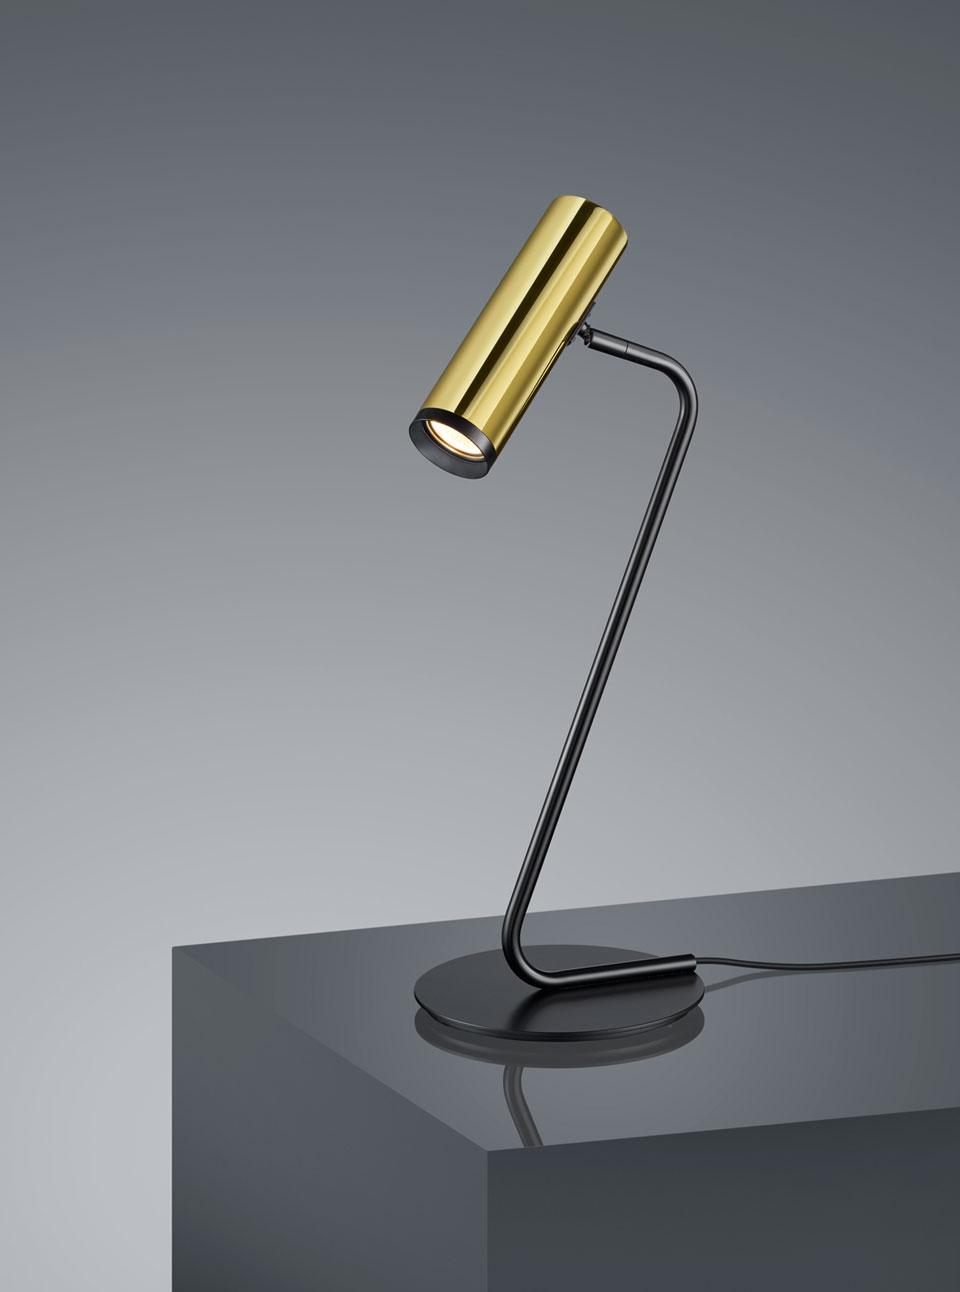 Lampe De Table Design Doree Et Noire Baulmann Leuchten Luminaire